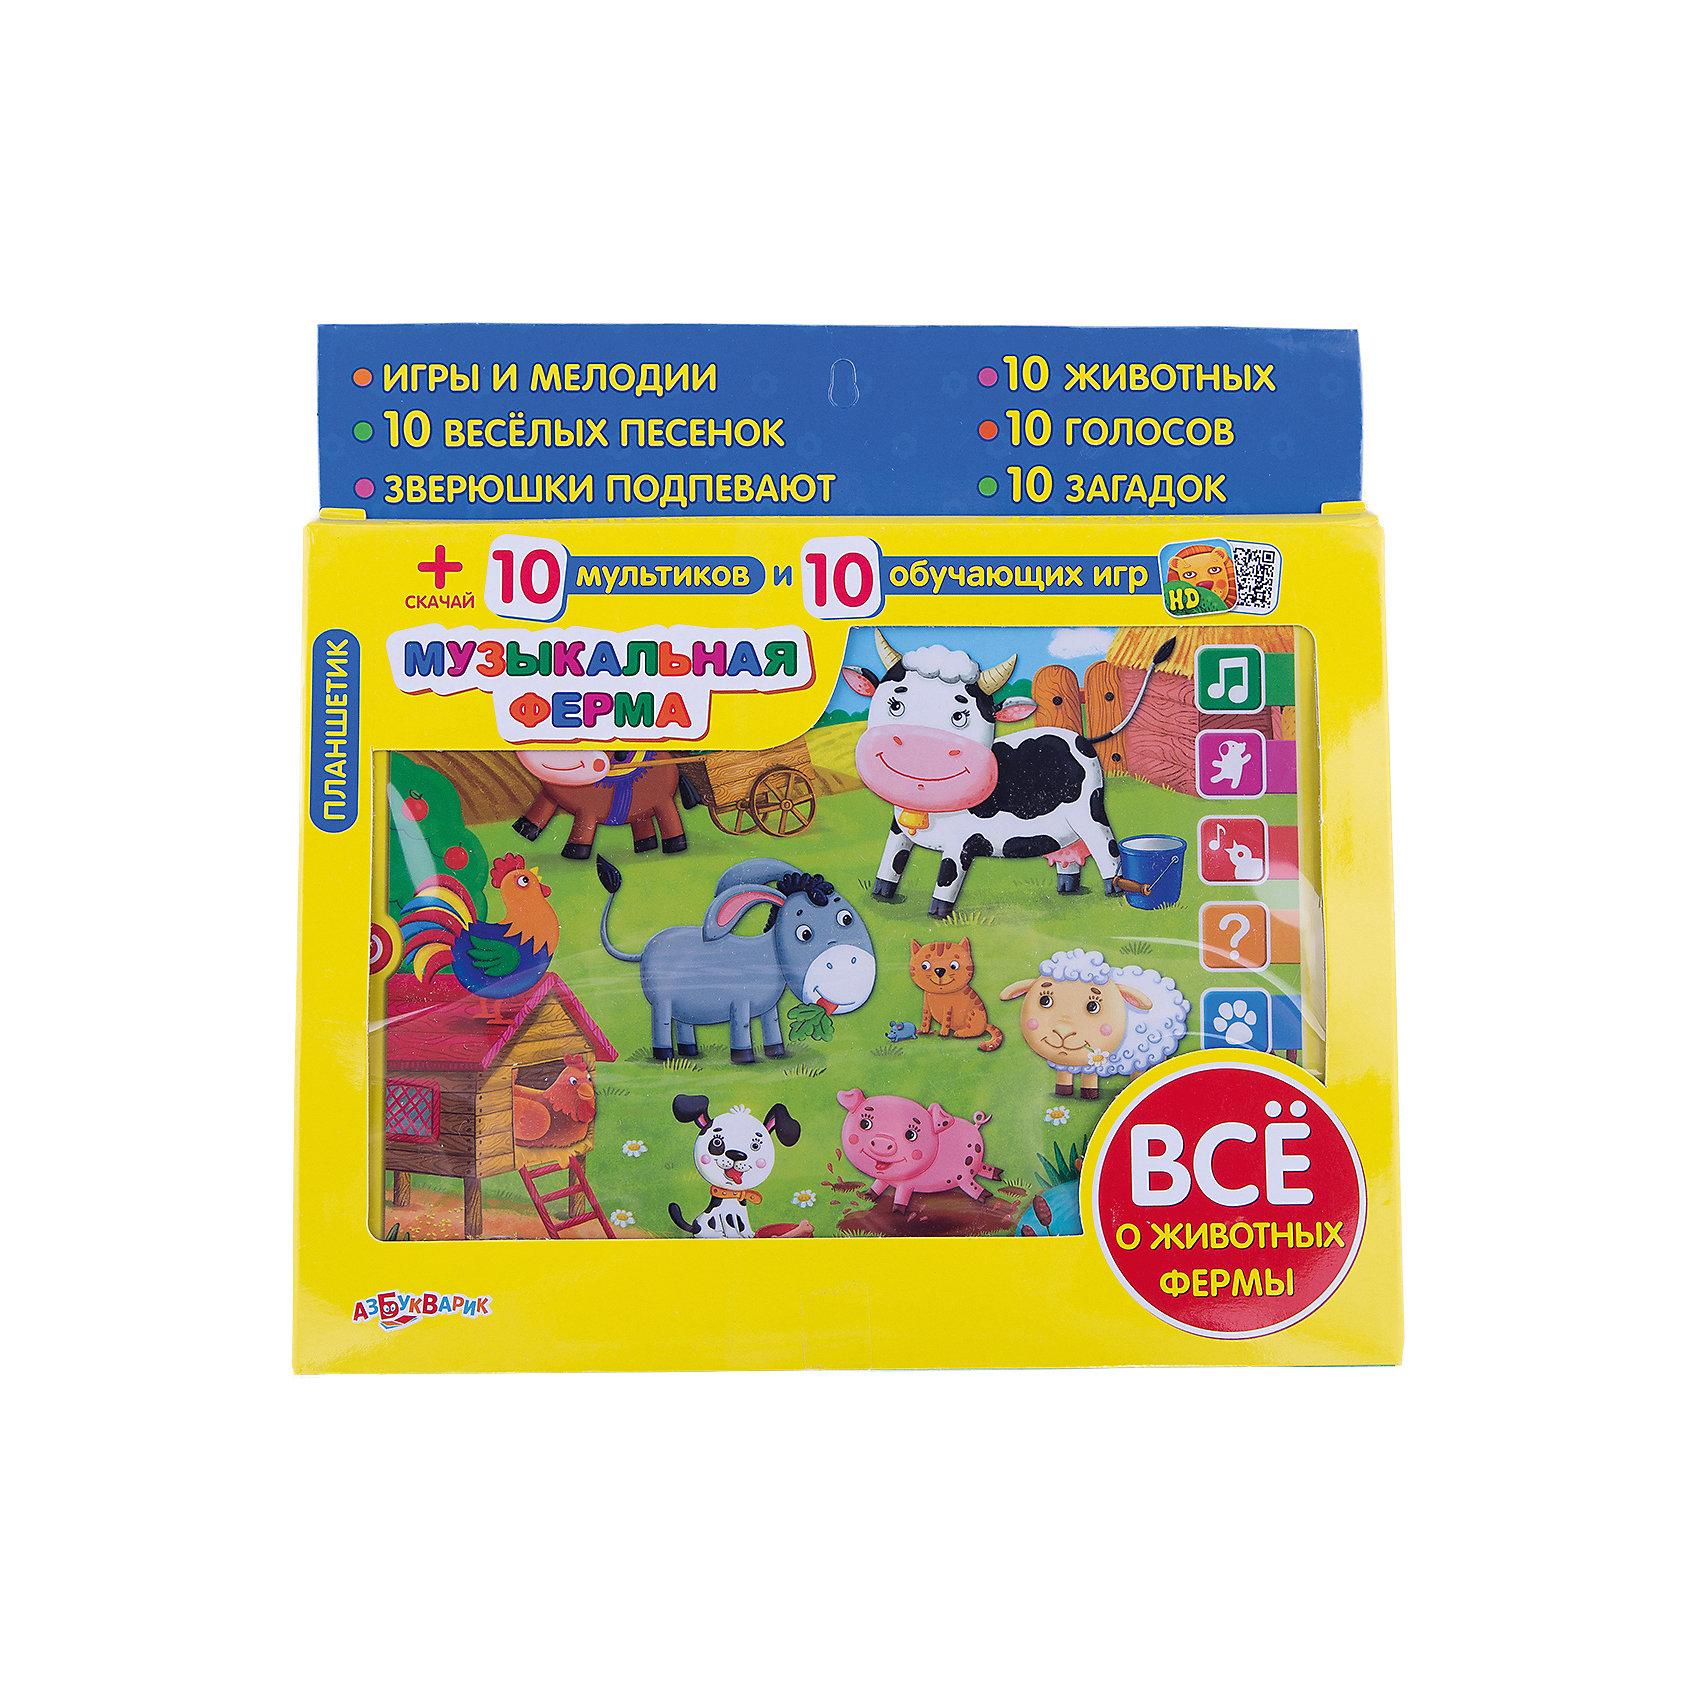 Планшетик Музыкальная фермаАзбукварик<br>Дети обожают гаджеты и электронные игрушки! Планшетик Музыкальная ферма приведет в восторг всех любителей животных. С этим ярким планшетом ваш ребенок сможет весело и с пользой проводить время. Игрушка обладает звуковыми эффектами; 10 загадок и интересные игры расскажут о животных фермы и помогут развить мышление ребенка, а любимые песенки сделают игру еще увлекательнее. <br>Простое и понятное управление, яркий дизайн и множество функций надолго увлекут детей.  <br>Планшетик Музыкальная ферма- прекрасный подарок на любой праздник!<br><br>Дополнительная информация:<br><br>- Материал: пластик. <br>- Размер: 30х19 см. <br>- Элемент питания: 3 ААА батарейки (в комплекте).<br>- Регулировка громкости.<br>- 10 животных. <br>- 10 загадок.<br>- 10 голосов. <br>- Песенки зверят.<br>- Забавные мелодии. <br>- Игра Чей голос. <br>- Игра Загадки. <br><br>Планшетик Музыкальная ферма можно купить в нашем магазине.<br><br>Ширина мм: 19<br>Глубина мм: 30<br>Высота мм: 19<br>Вес г: 250<br>Возраст от месяцев: 24<br>Возраст до месяцев: 48<br>Пол: Унисекс<br>Возраст: Детский<br>SKU: 4951734